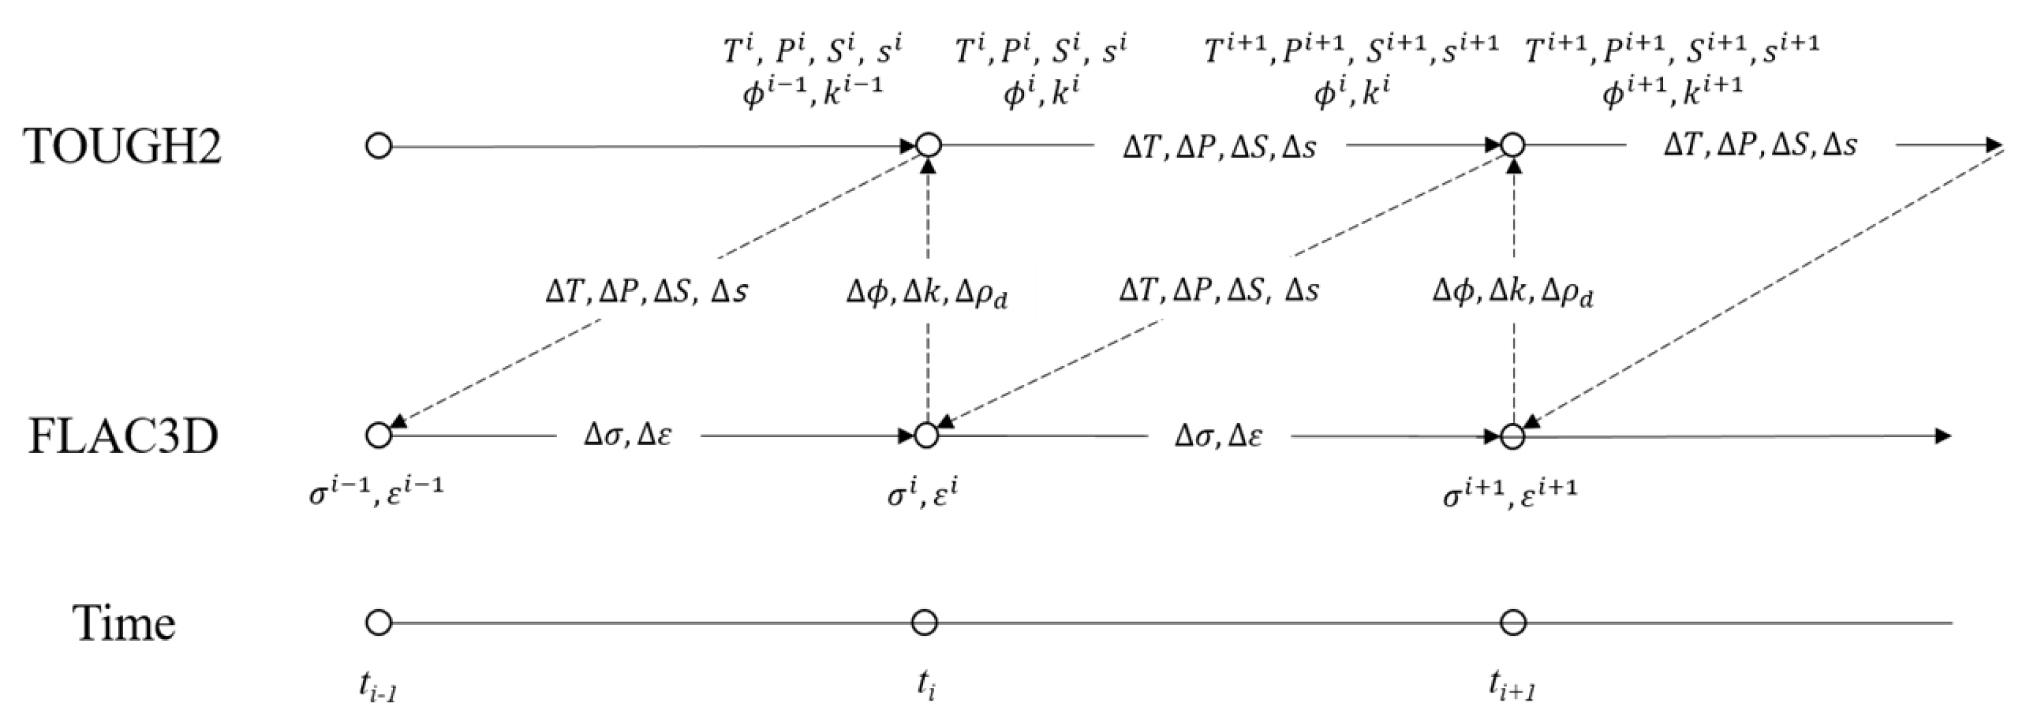 http://static.apub.kr/journalsite/sites/ksrm/2020-030-05/N0120300502/images/ksrm_30_05_02_F6.jpg